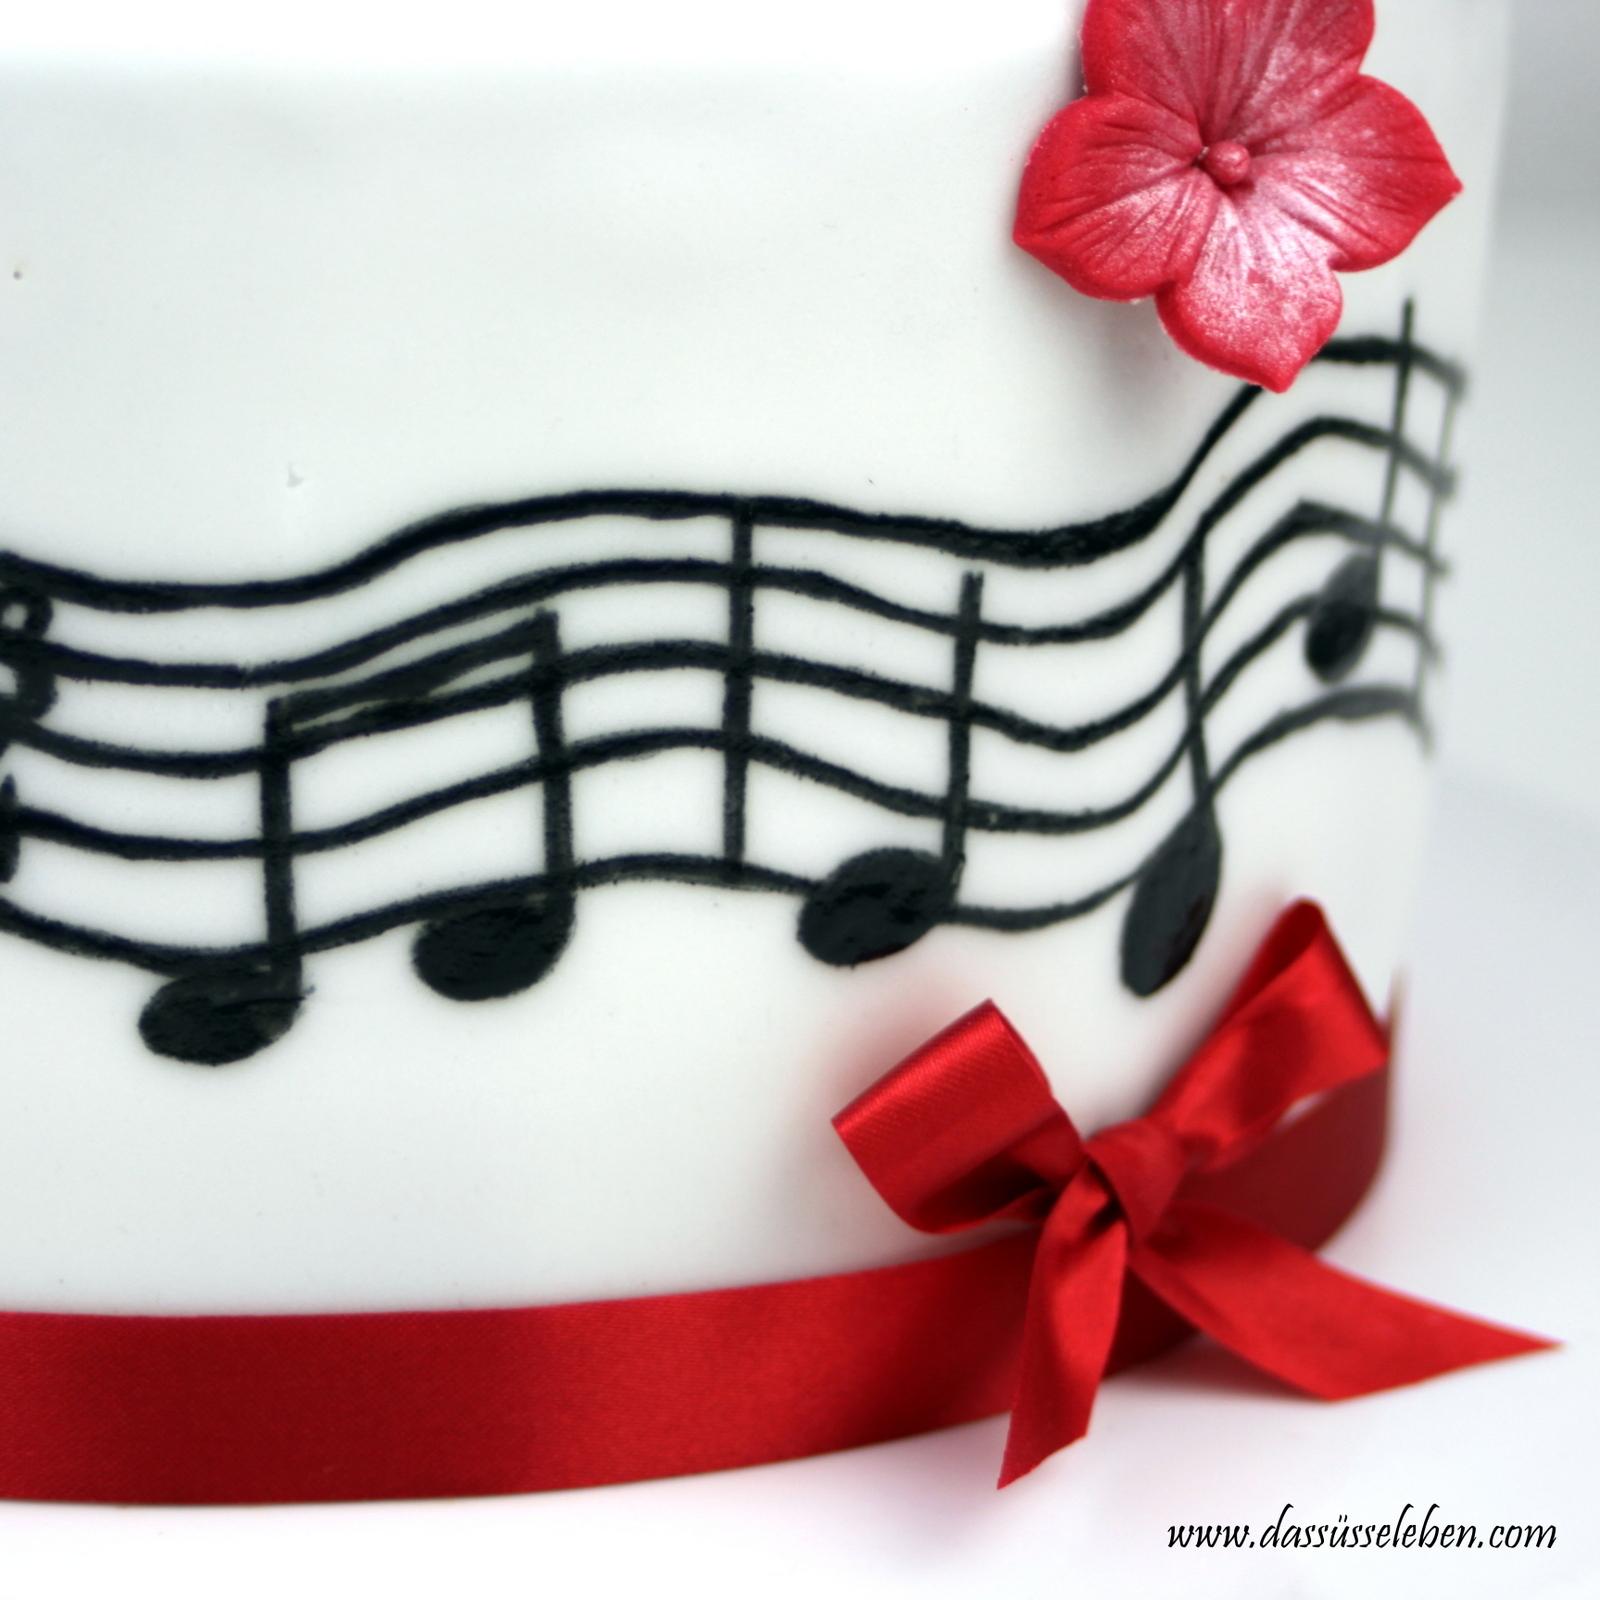 ... habe ich die schwarze Cake Painting Farbe vom Pati-Versand verwendet